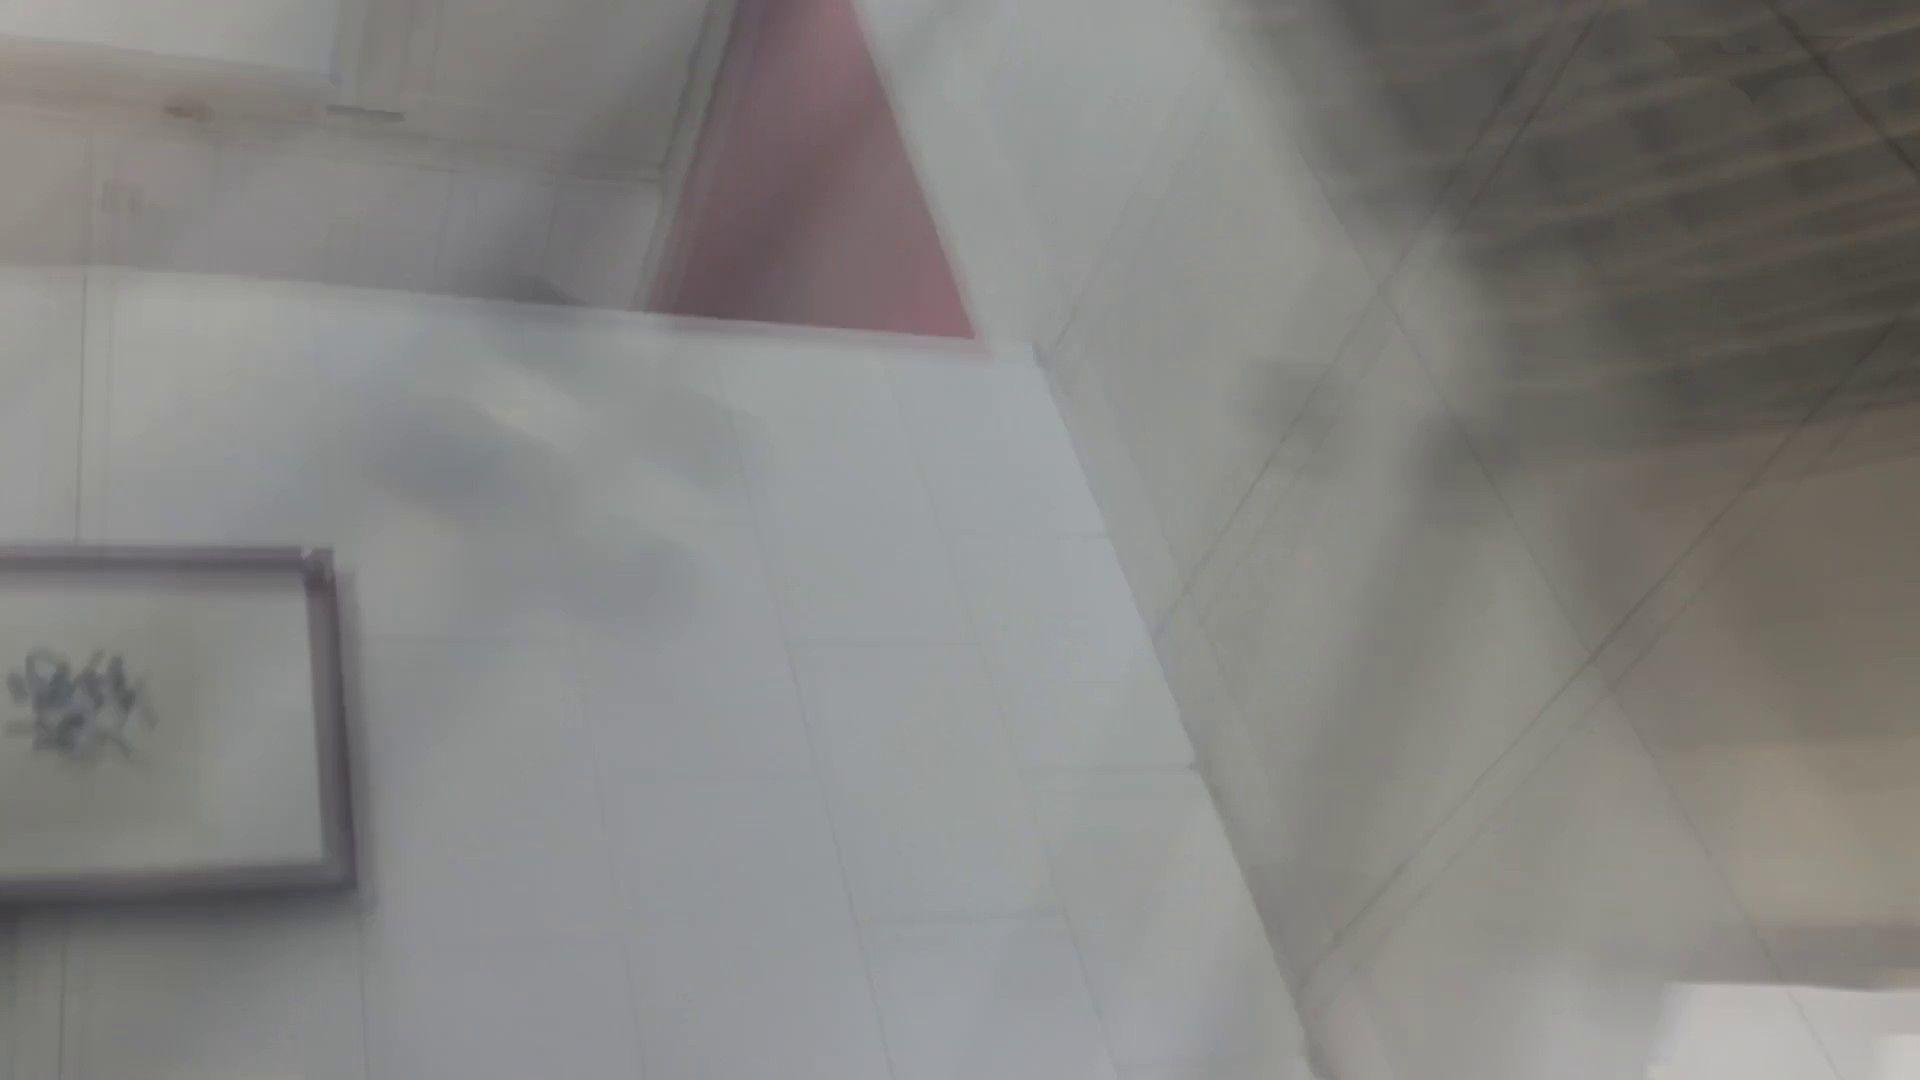 芸術大学ガチ潜入盗撮 JD盗撮 美女の洗面所の秘密 Vol.88 潜入 SEX無修正画像 56画像 9